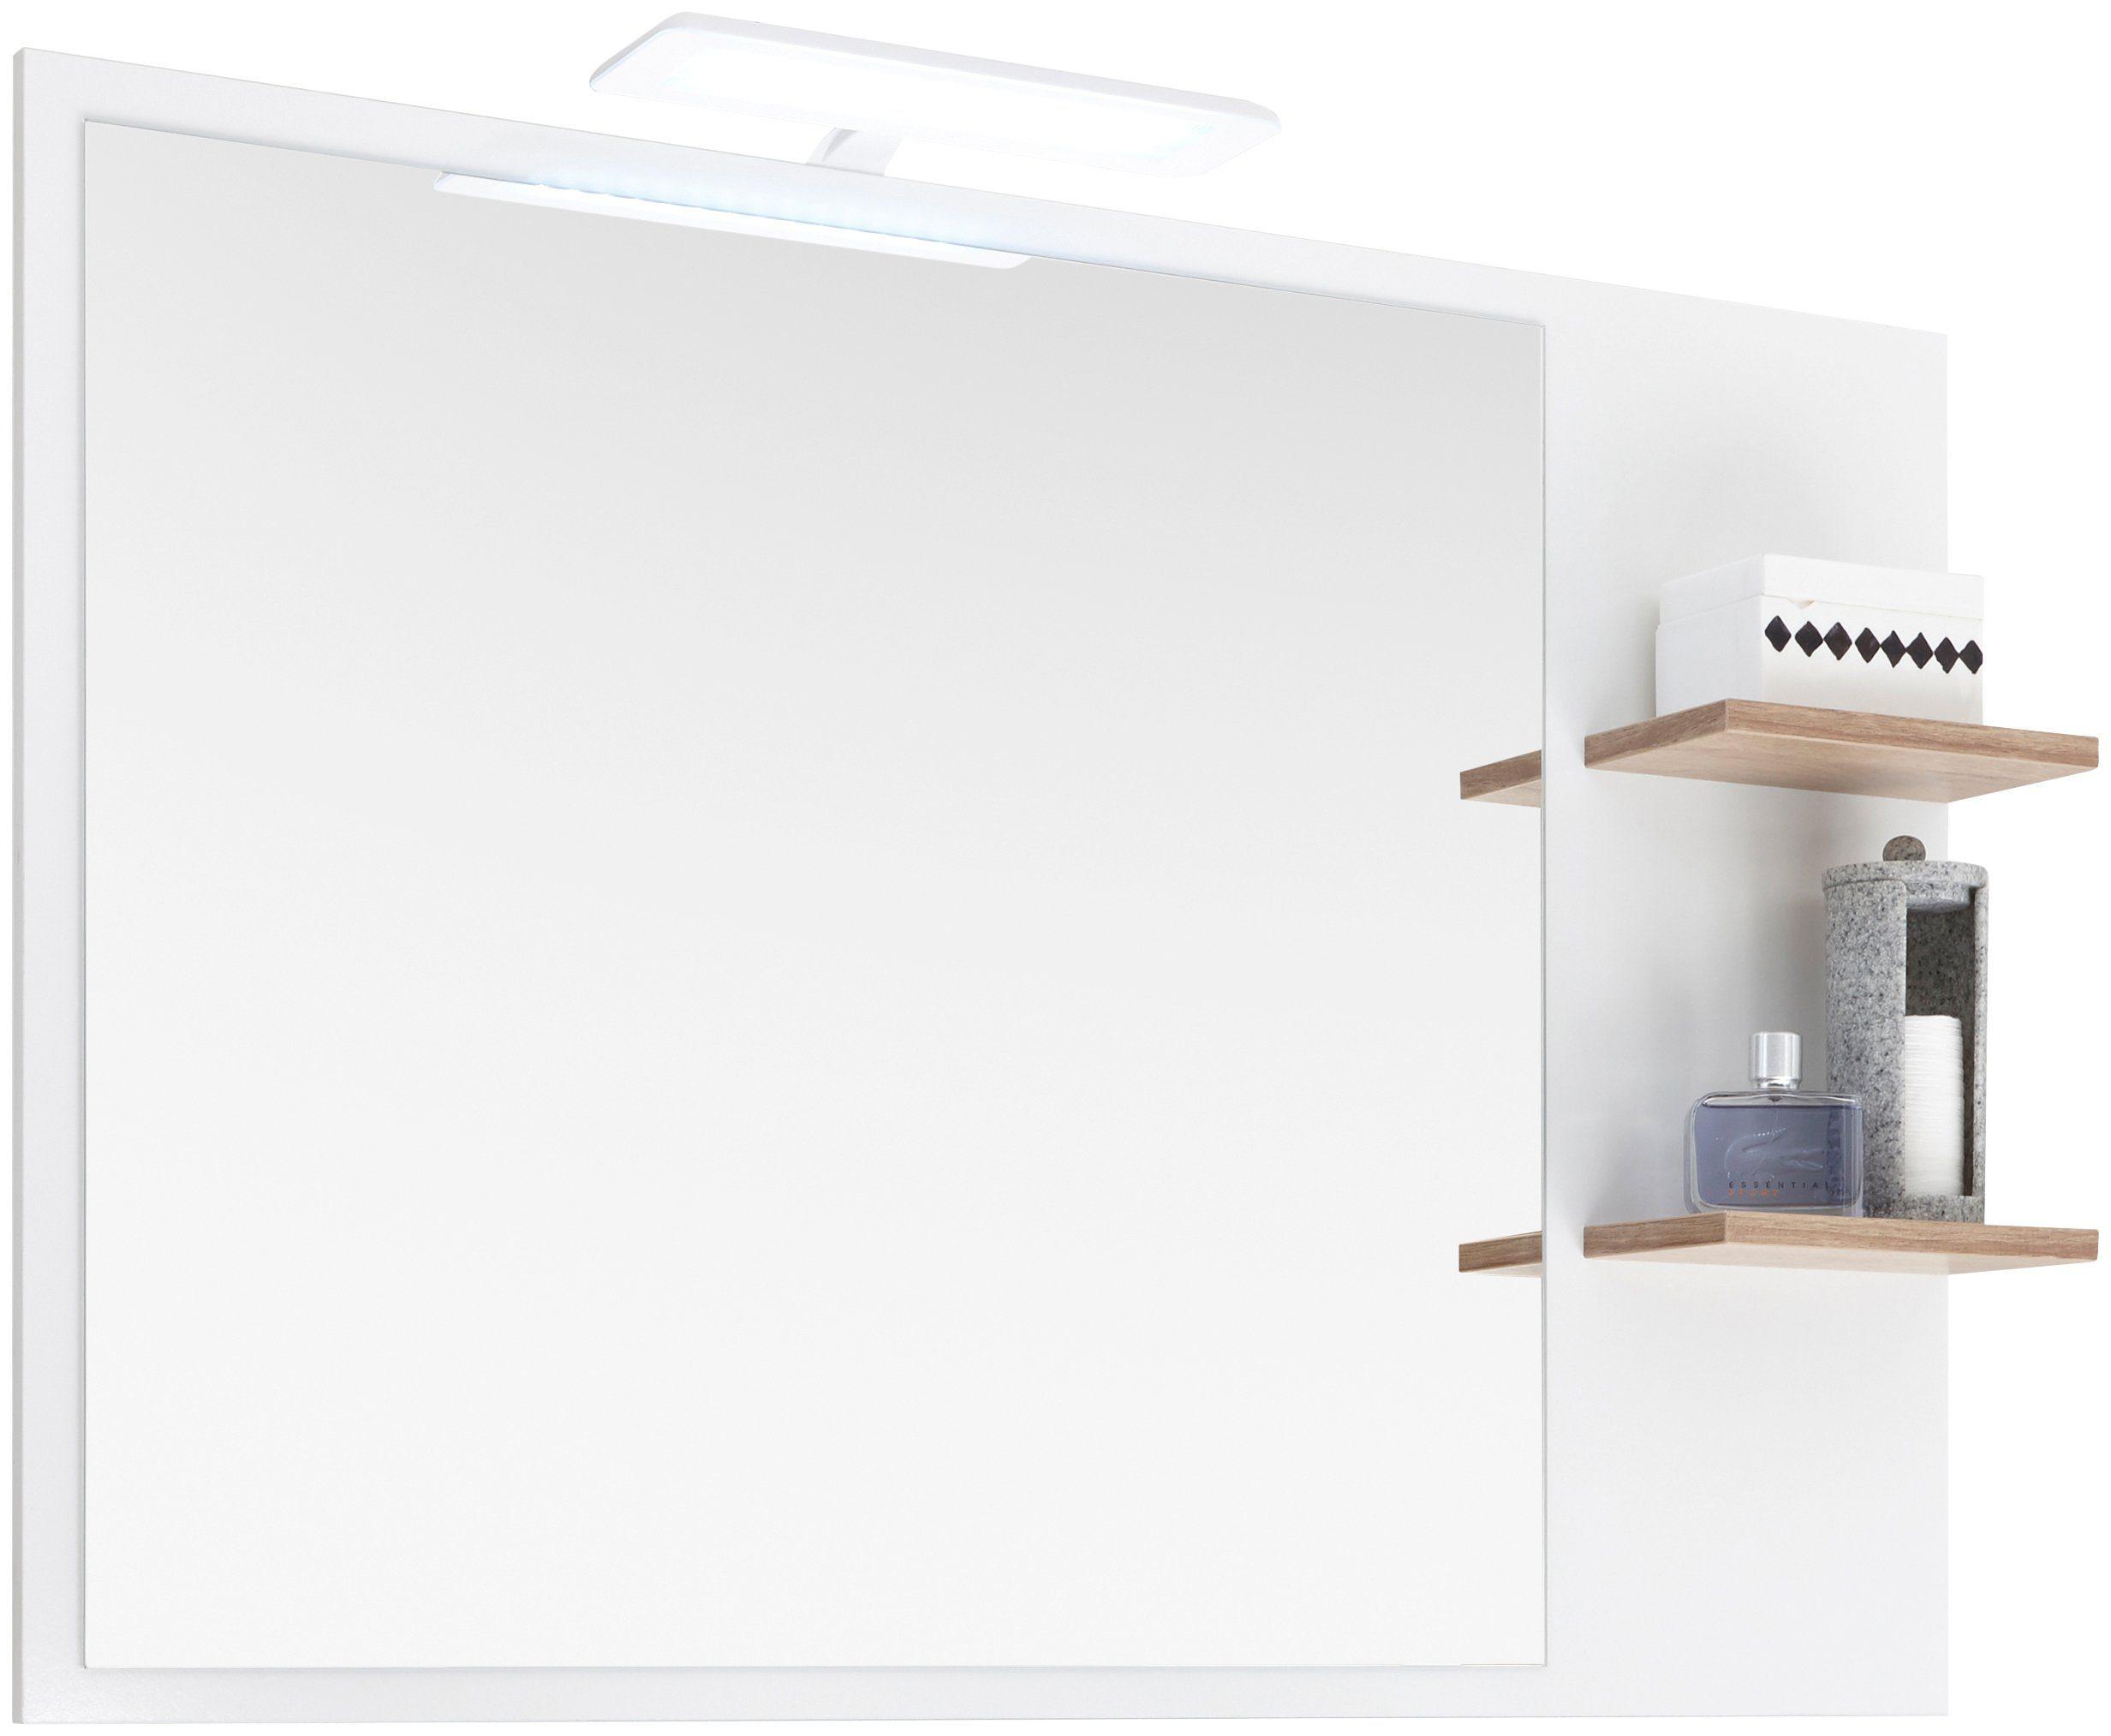 Spiegel 100 Cm : Pelipal badspiegel noventa spiegel« breite cm online